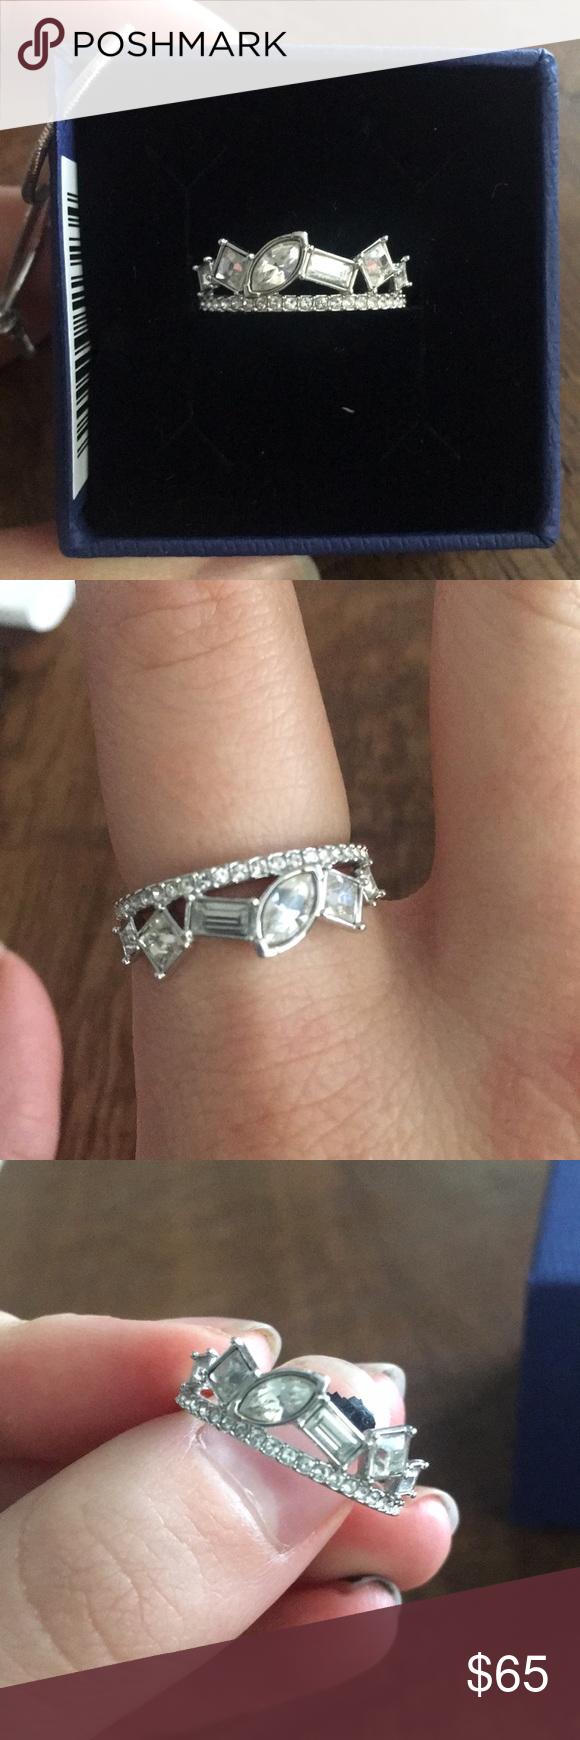 47c9bd682 Swarovski Crystal Henrietta Ring size 7 Swarovski Crystal Henrietta Ring  size 7. Beautiful and unique